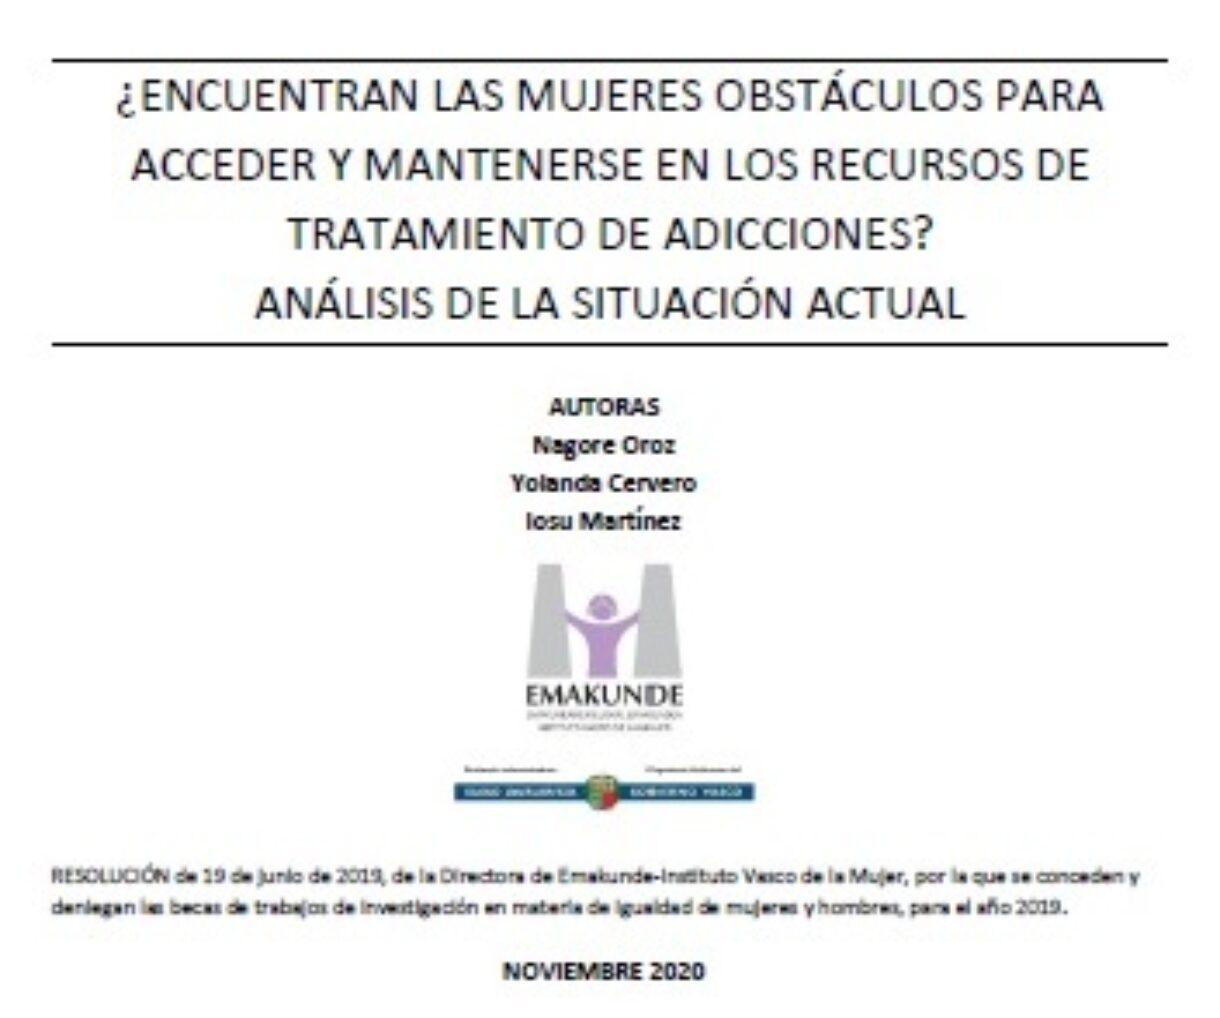 ¿Encuentran las mujeres obstáculos para acceder y mantenerse en los recursos de tratamiento de adicciones? Análisis de la situación actual